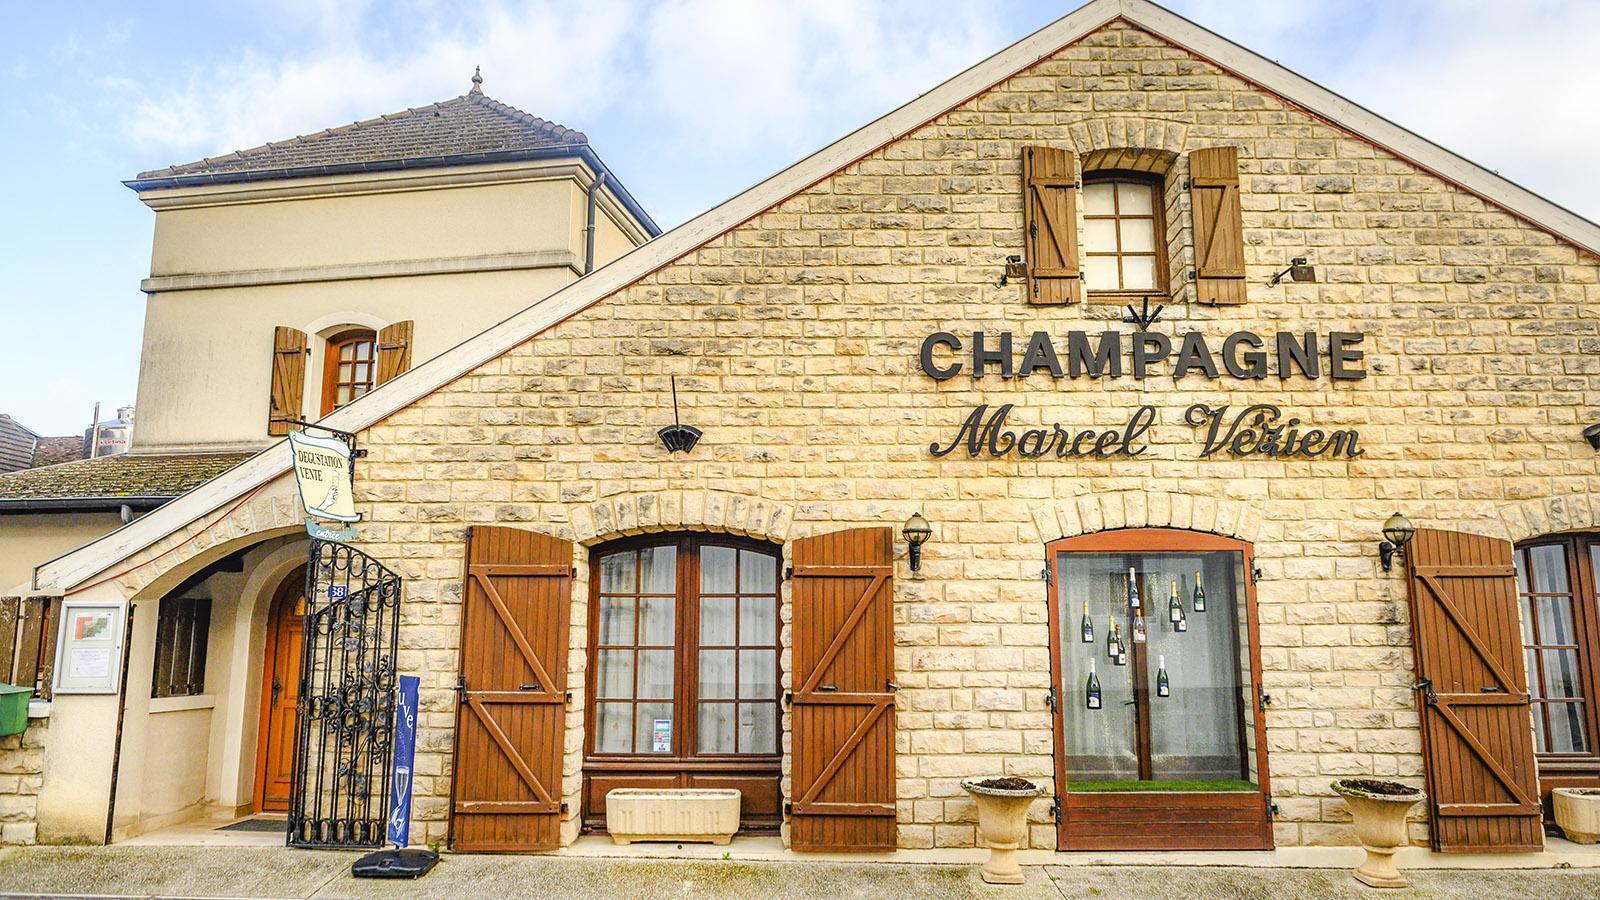 Côte des Bars: das Champagnerhaus Marcel Vézien in Celles-sur-Ource. Foto: Hilke Maunder